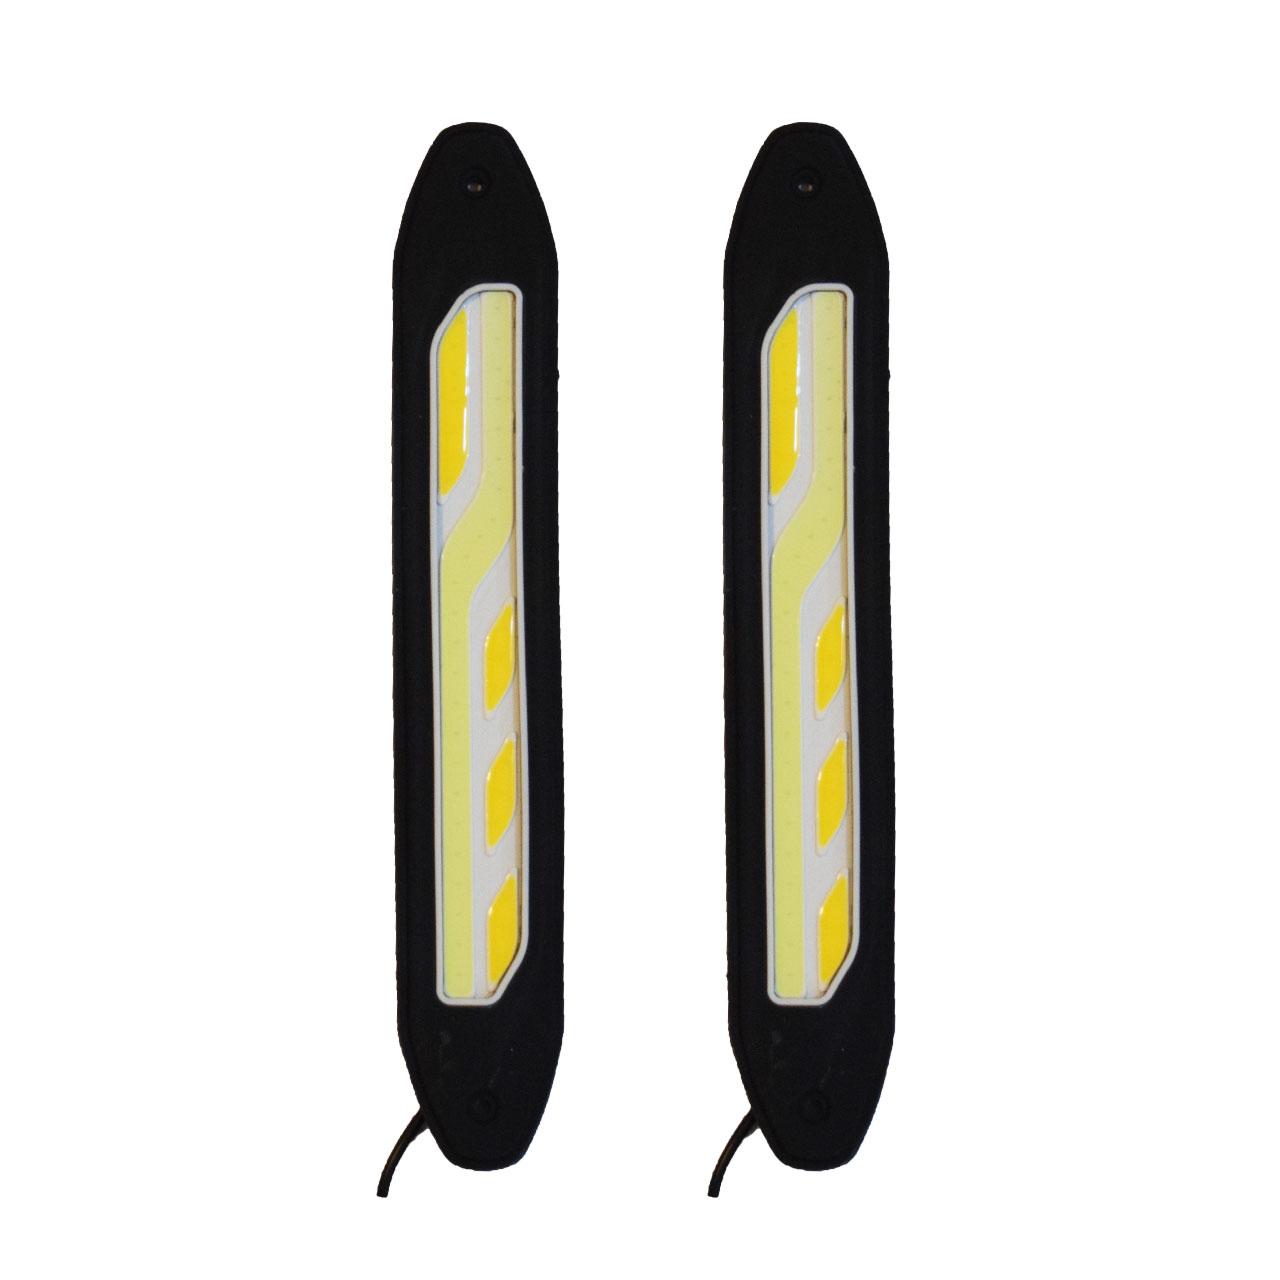 چراغ ال ای دی خودرو دی تایم رانینگ لایت مدل 03 بسته 2 عددی